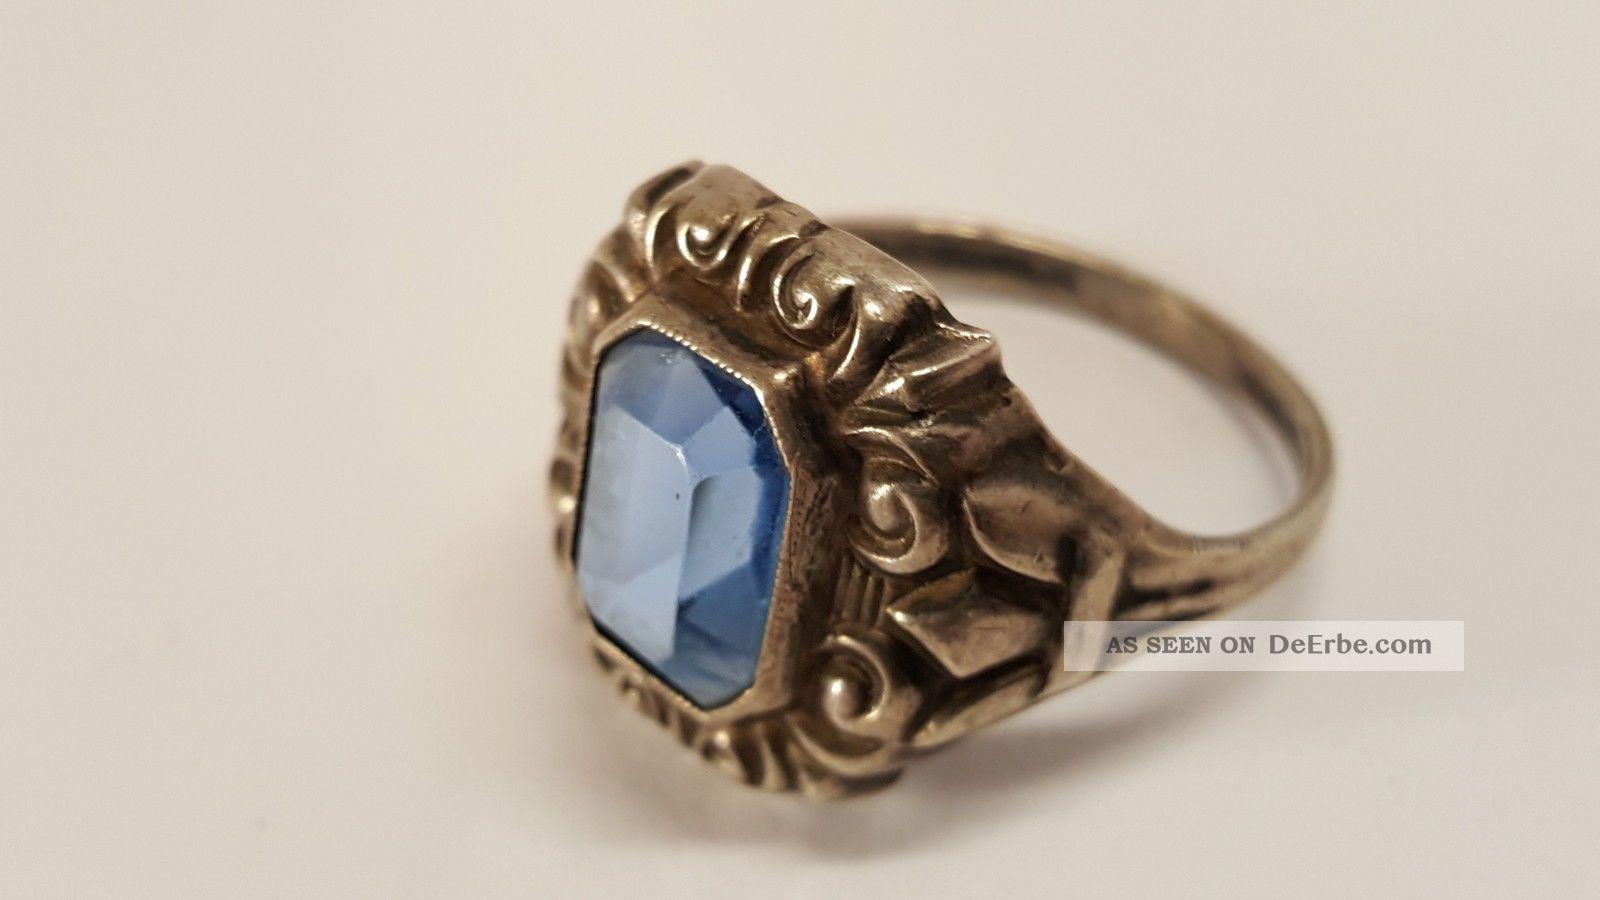 ... Damen Ring Silber 800 Elegant Mit Blauer Stein Antik Ringe Bild 1